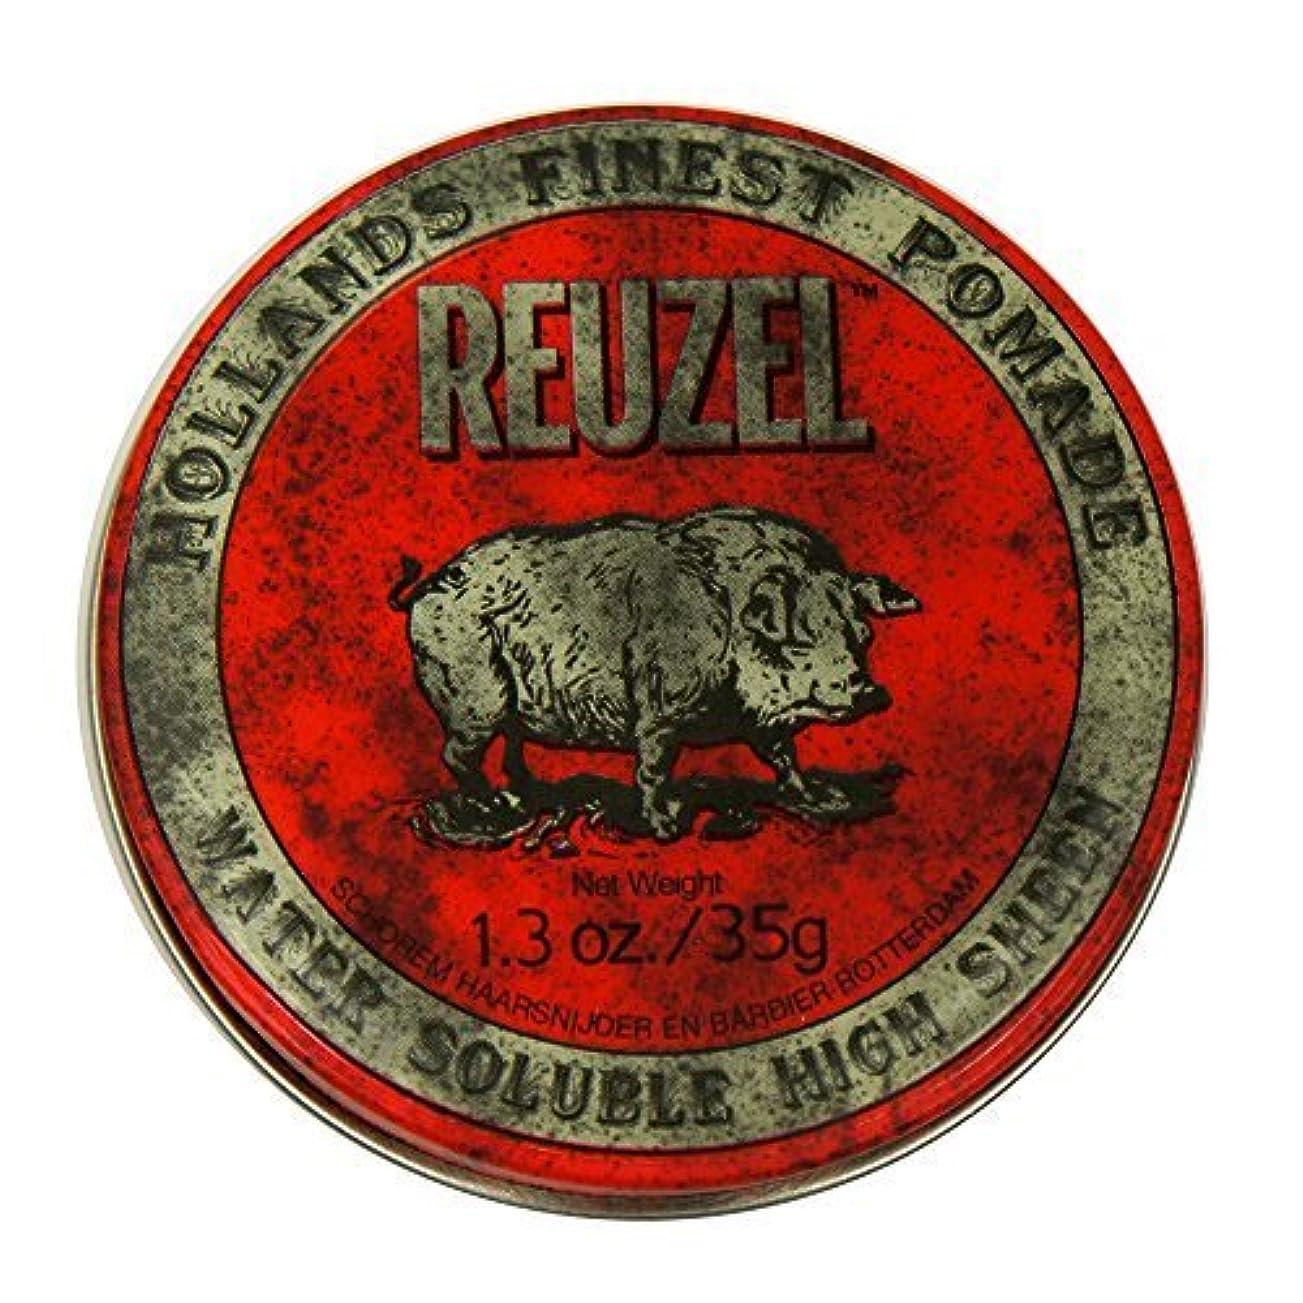 多様なジャケット拒絶Reuzel Red Hair Pomade Piglet 1.3oz [並行輸入品]